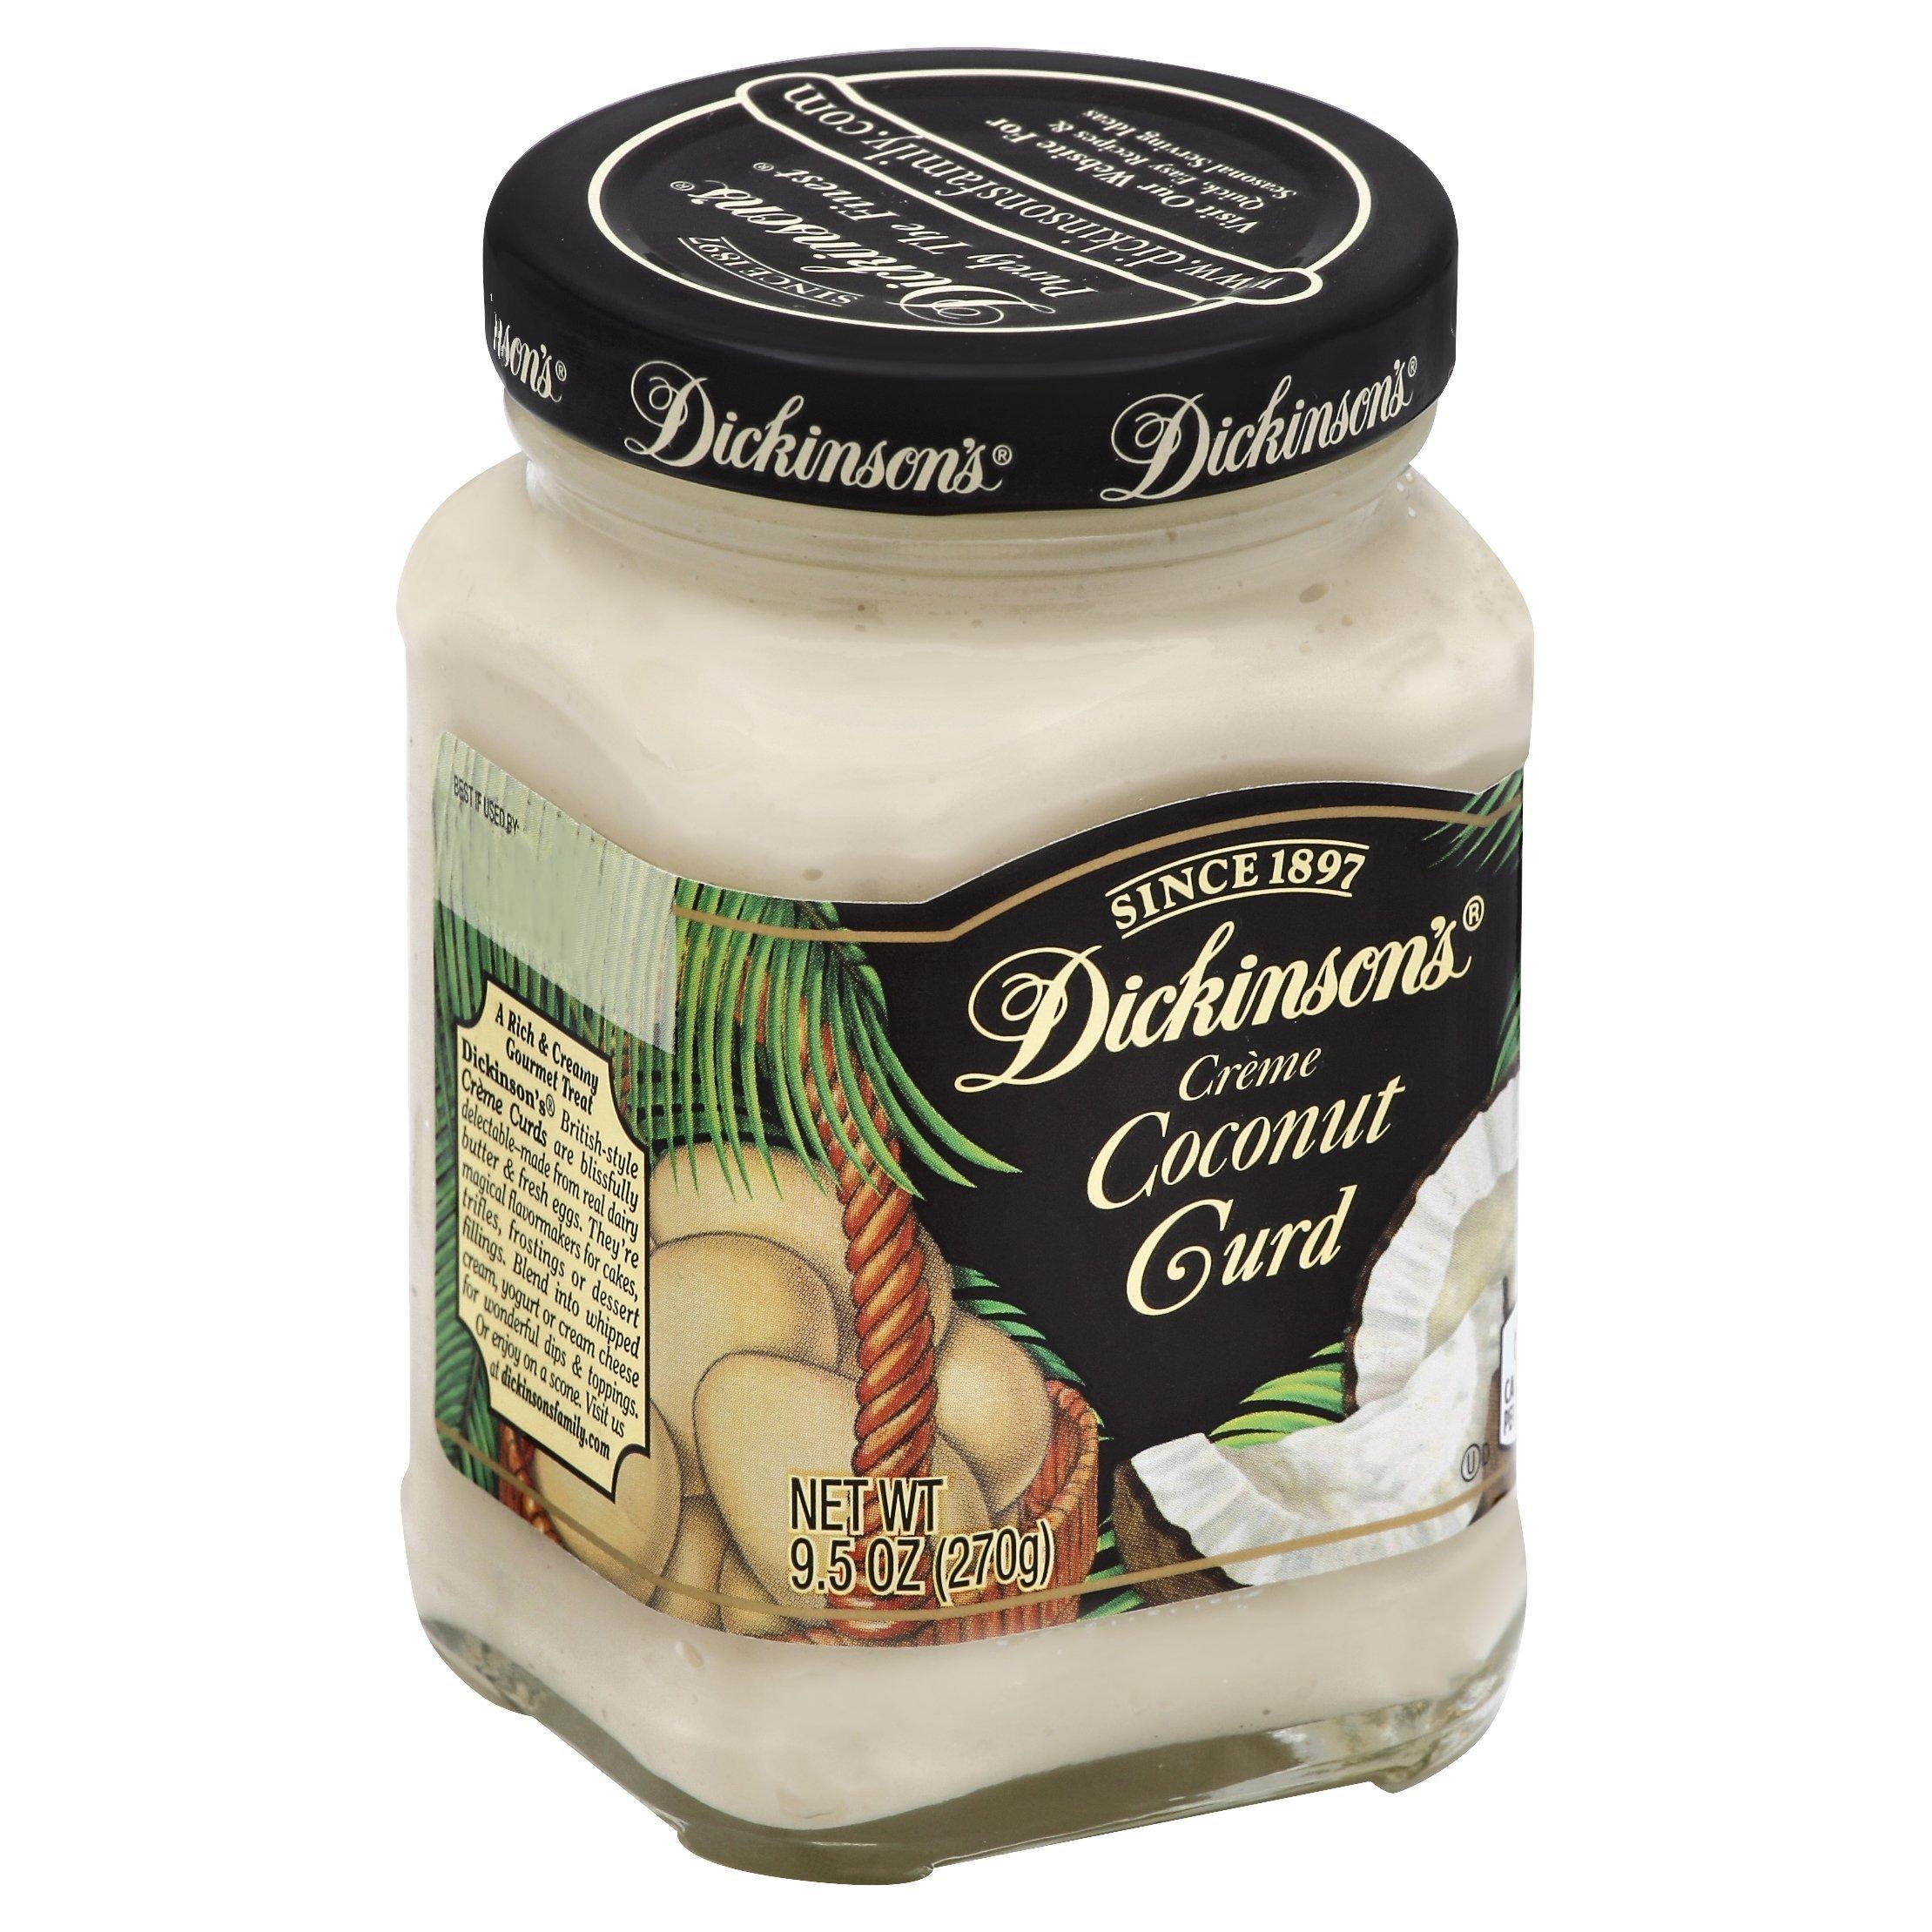 Dickinson's Coconut Curd, 9.5 oz